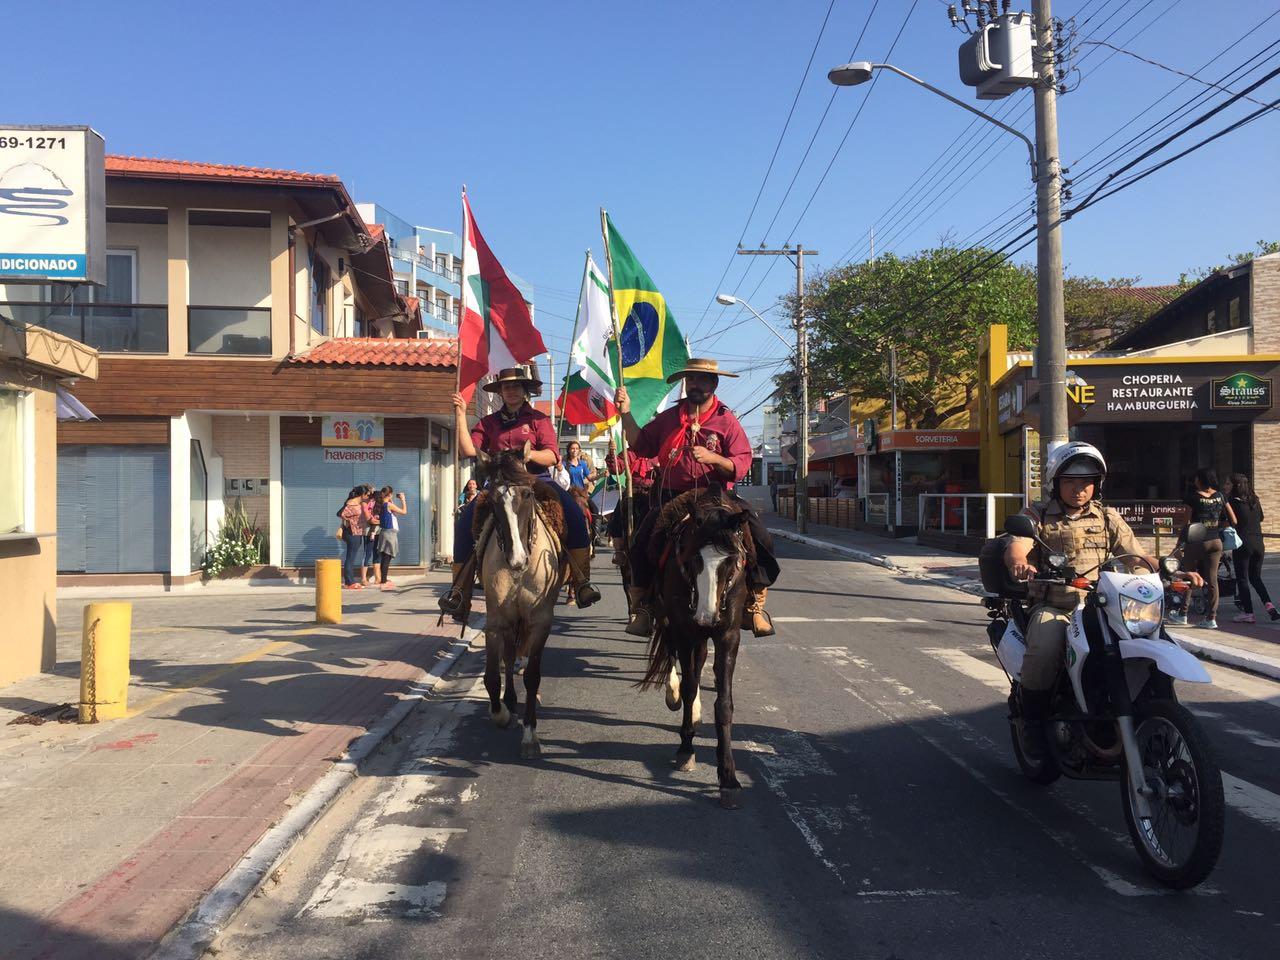 Fotos: Emanuel Soares / Jornal Conexão Comunidade